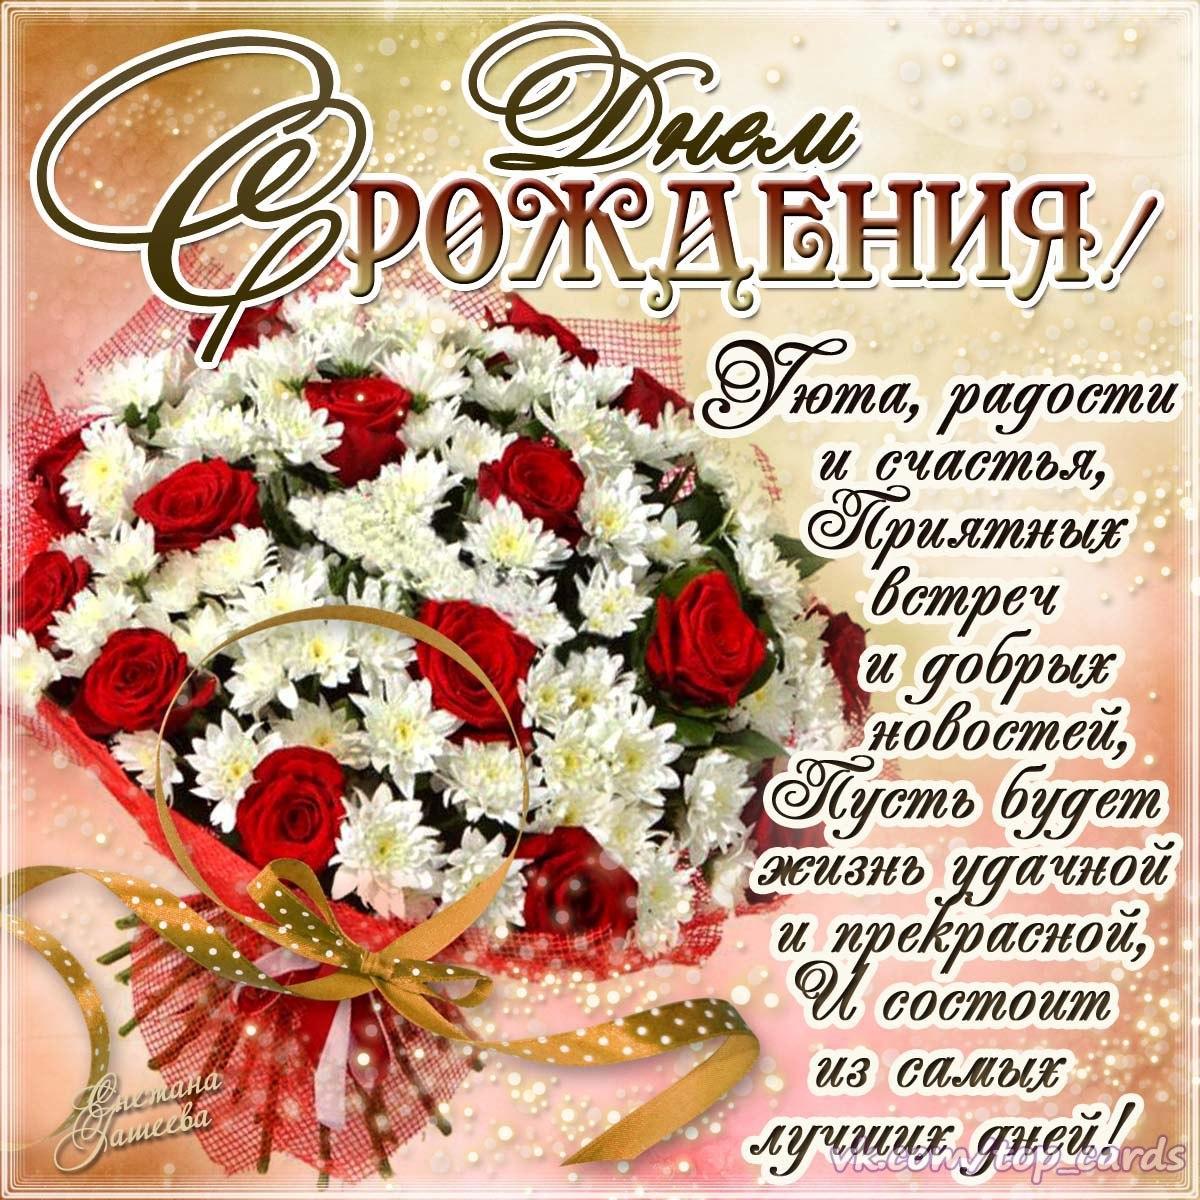 С днём рождения открытки с поздравлениями